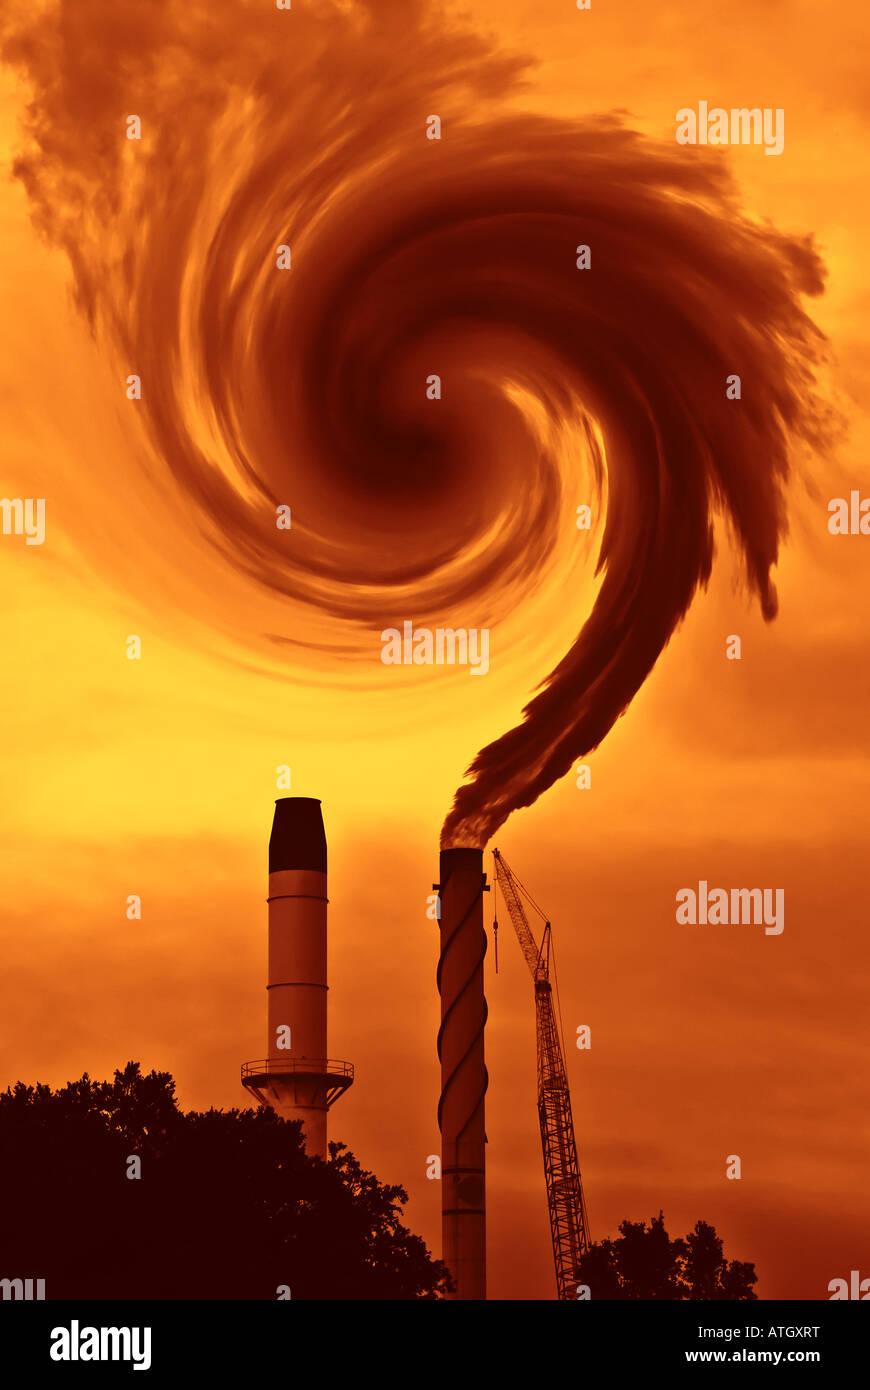 La cuestión del calentamiento global o cambio climático con humo de fábrica en sienna quemado Imagen De Stock